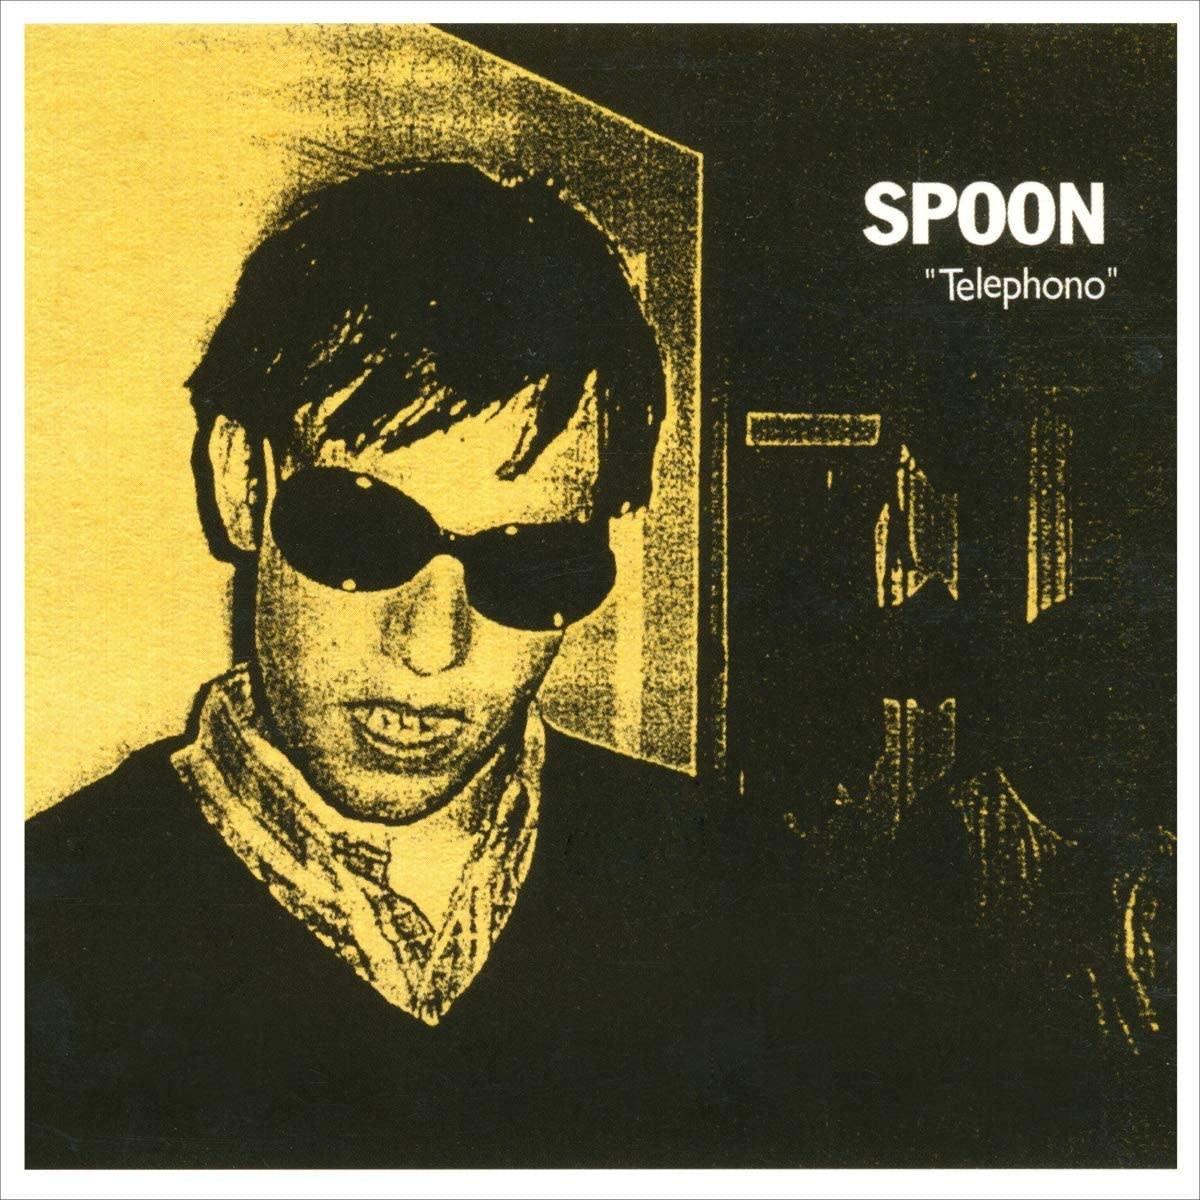 Spoon – Telephono